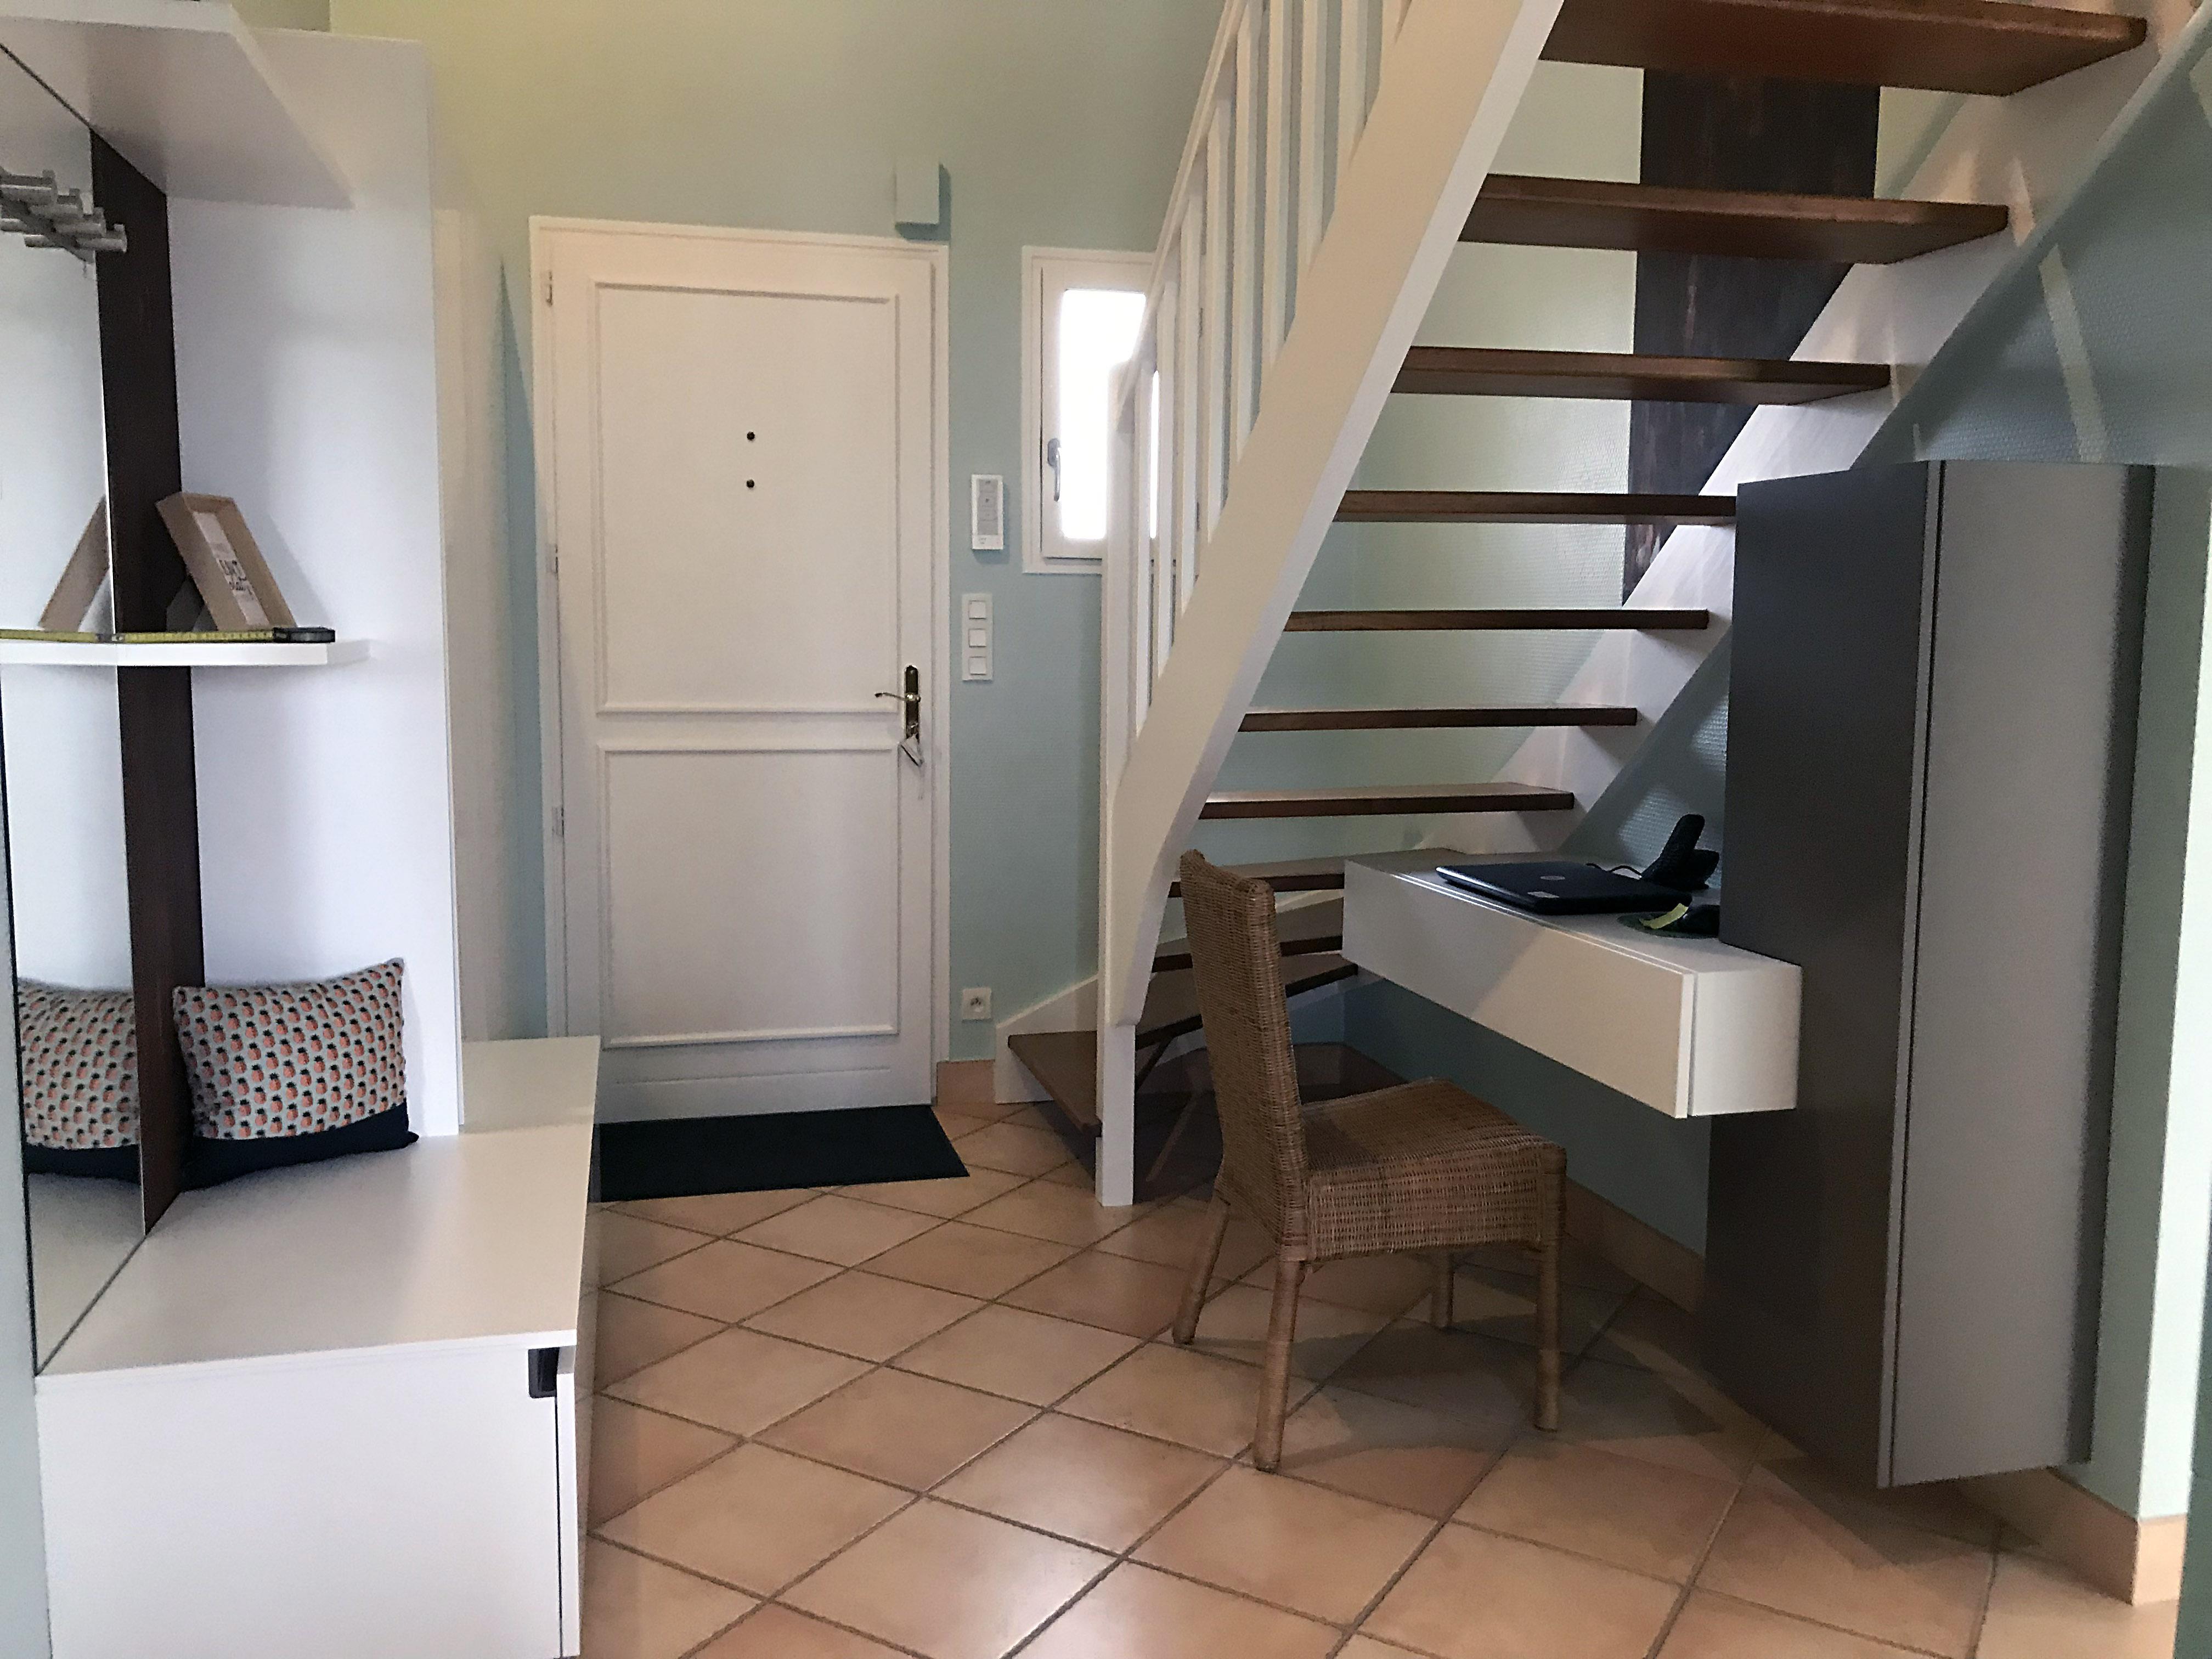 Meuble d'entrée sur mesure avec penderie et bureau sous escalier